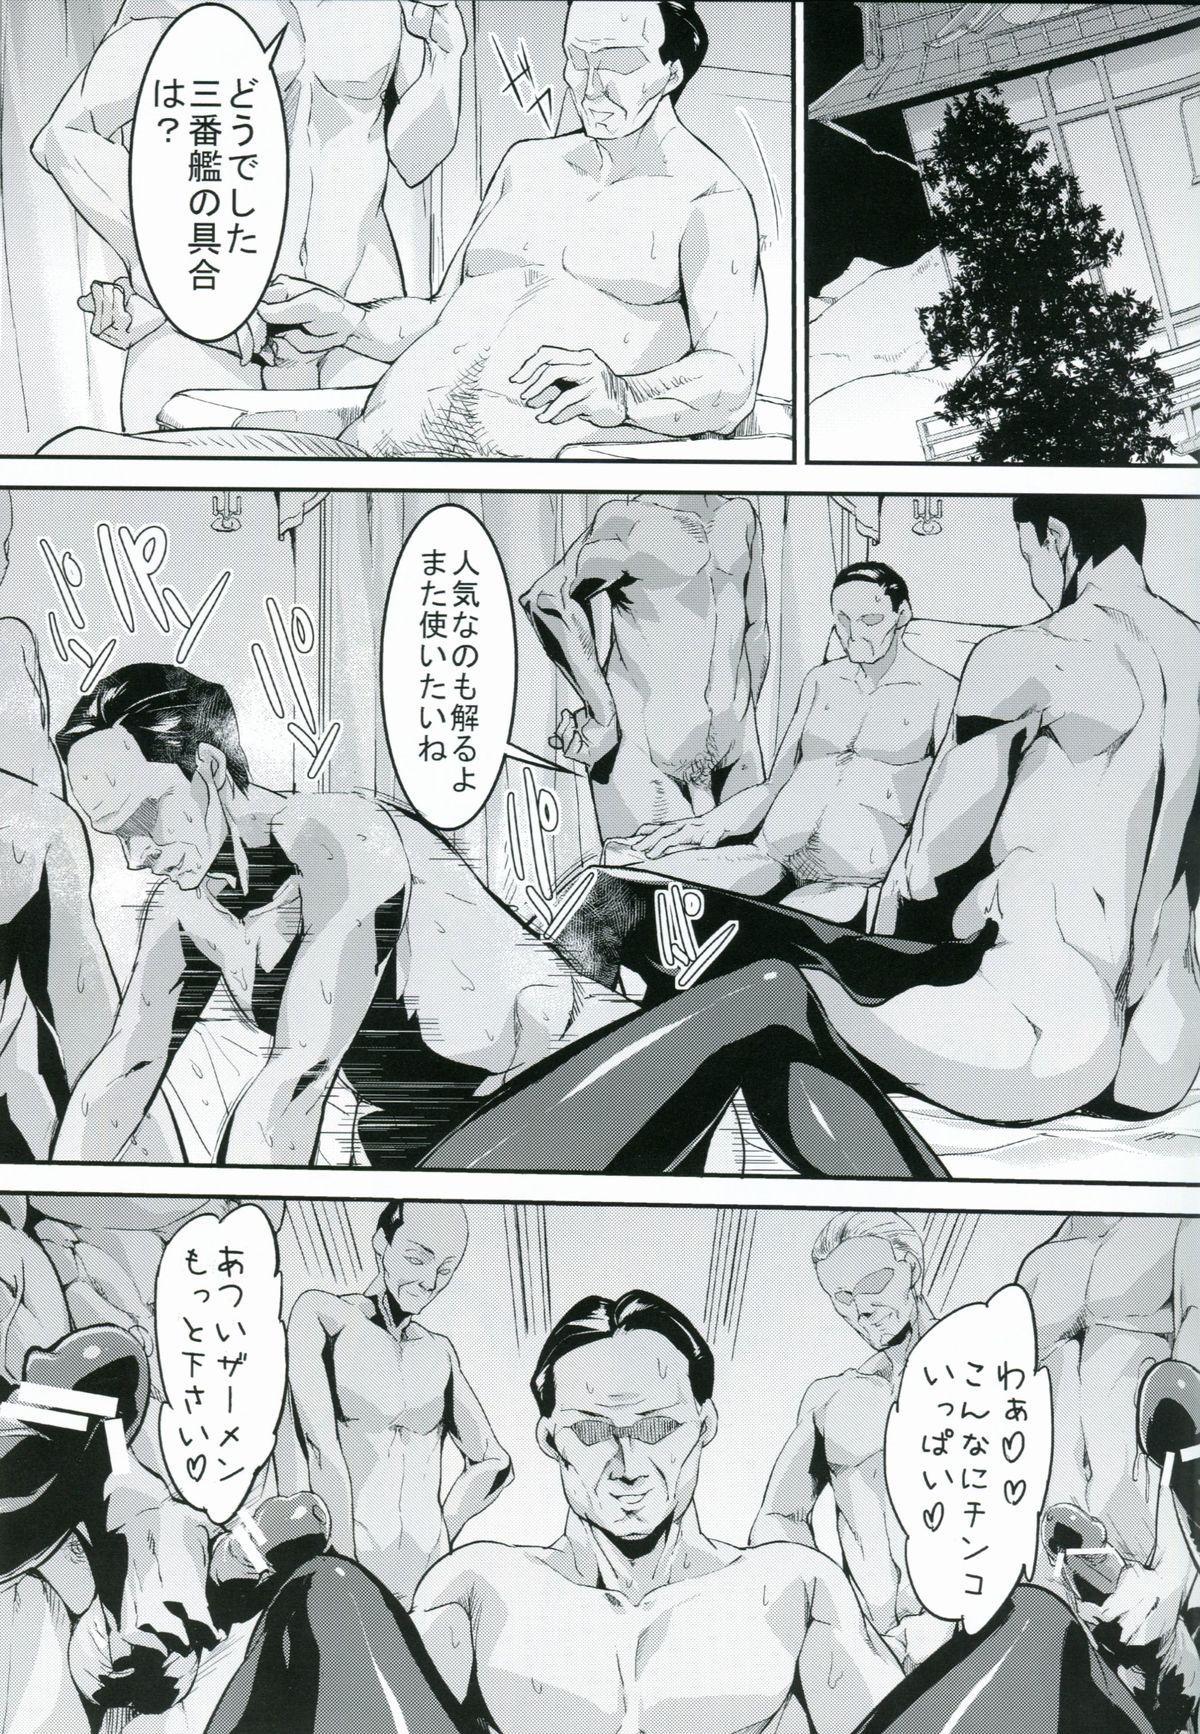 Haruna ga Teitoku no Tame ni Dekiru Koto 29